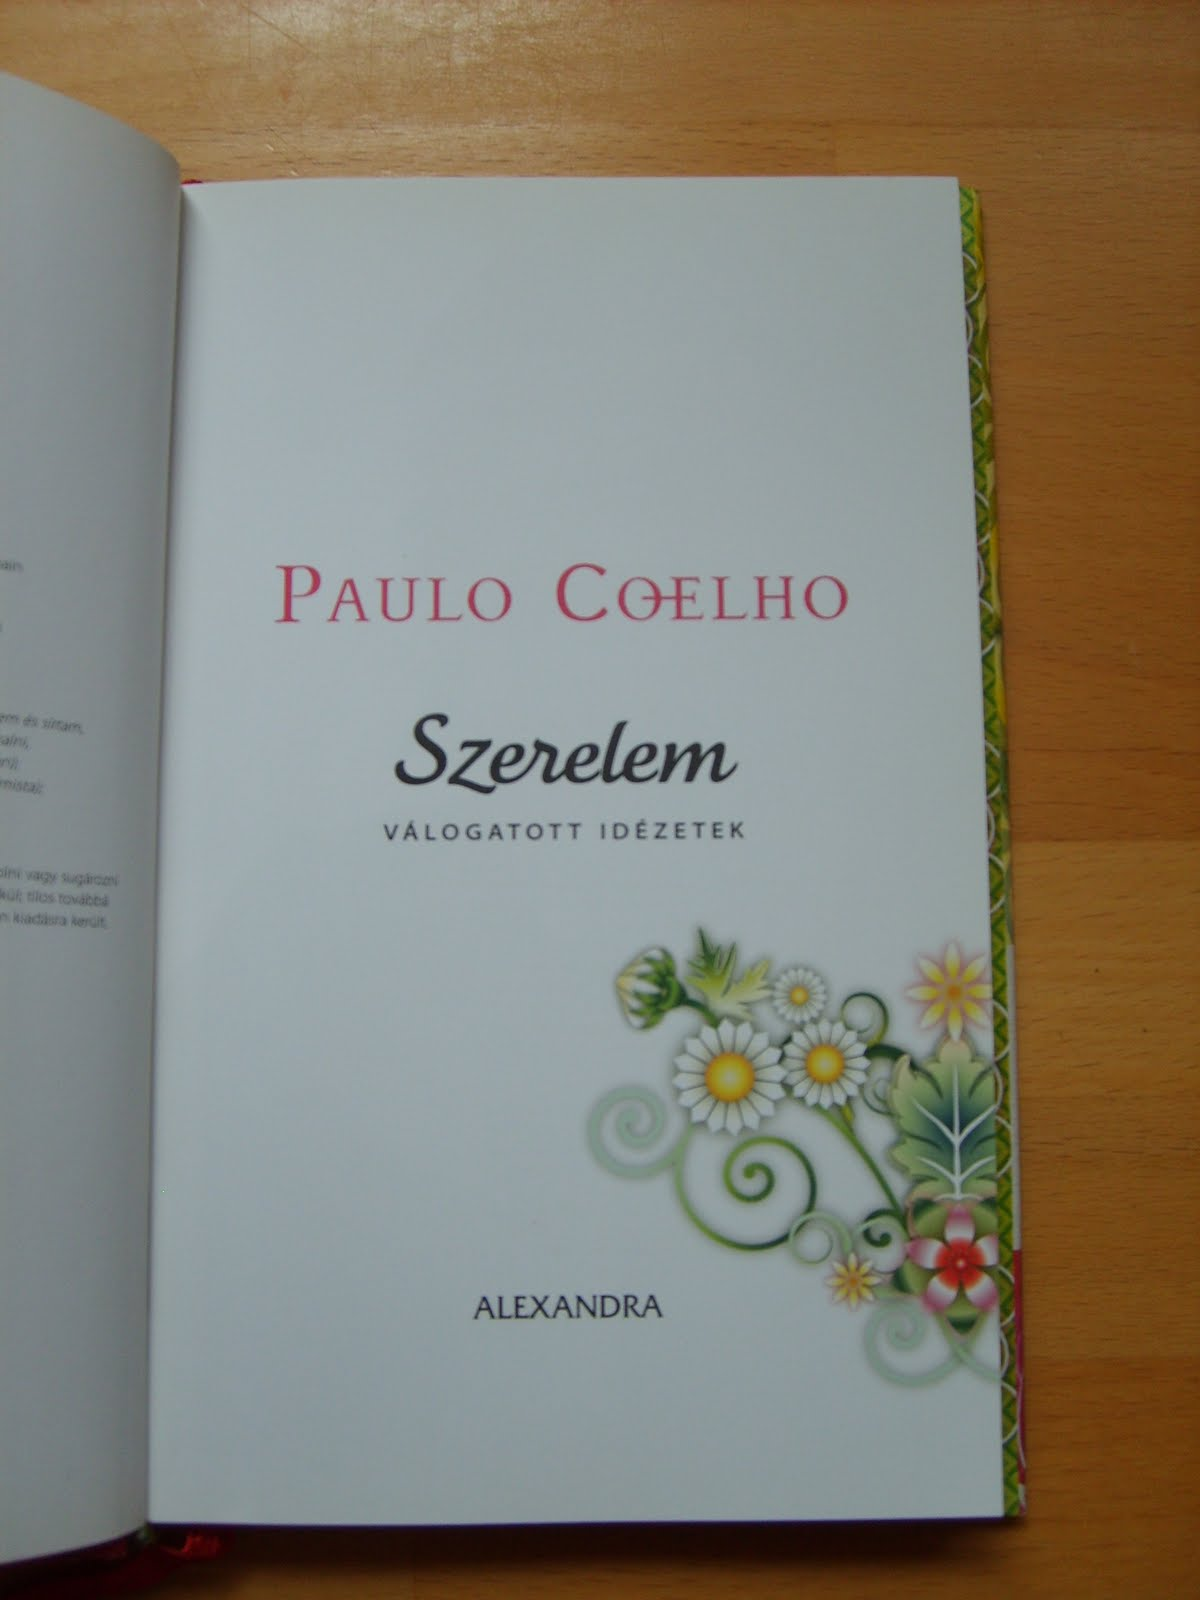 coelho idézetek szerelem About: Paulo Coelho  Szerelem (válogatott idézetek)